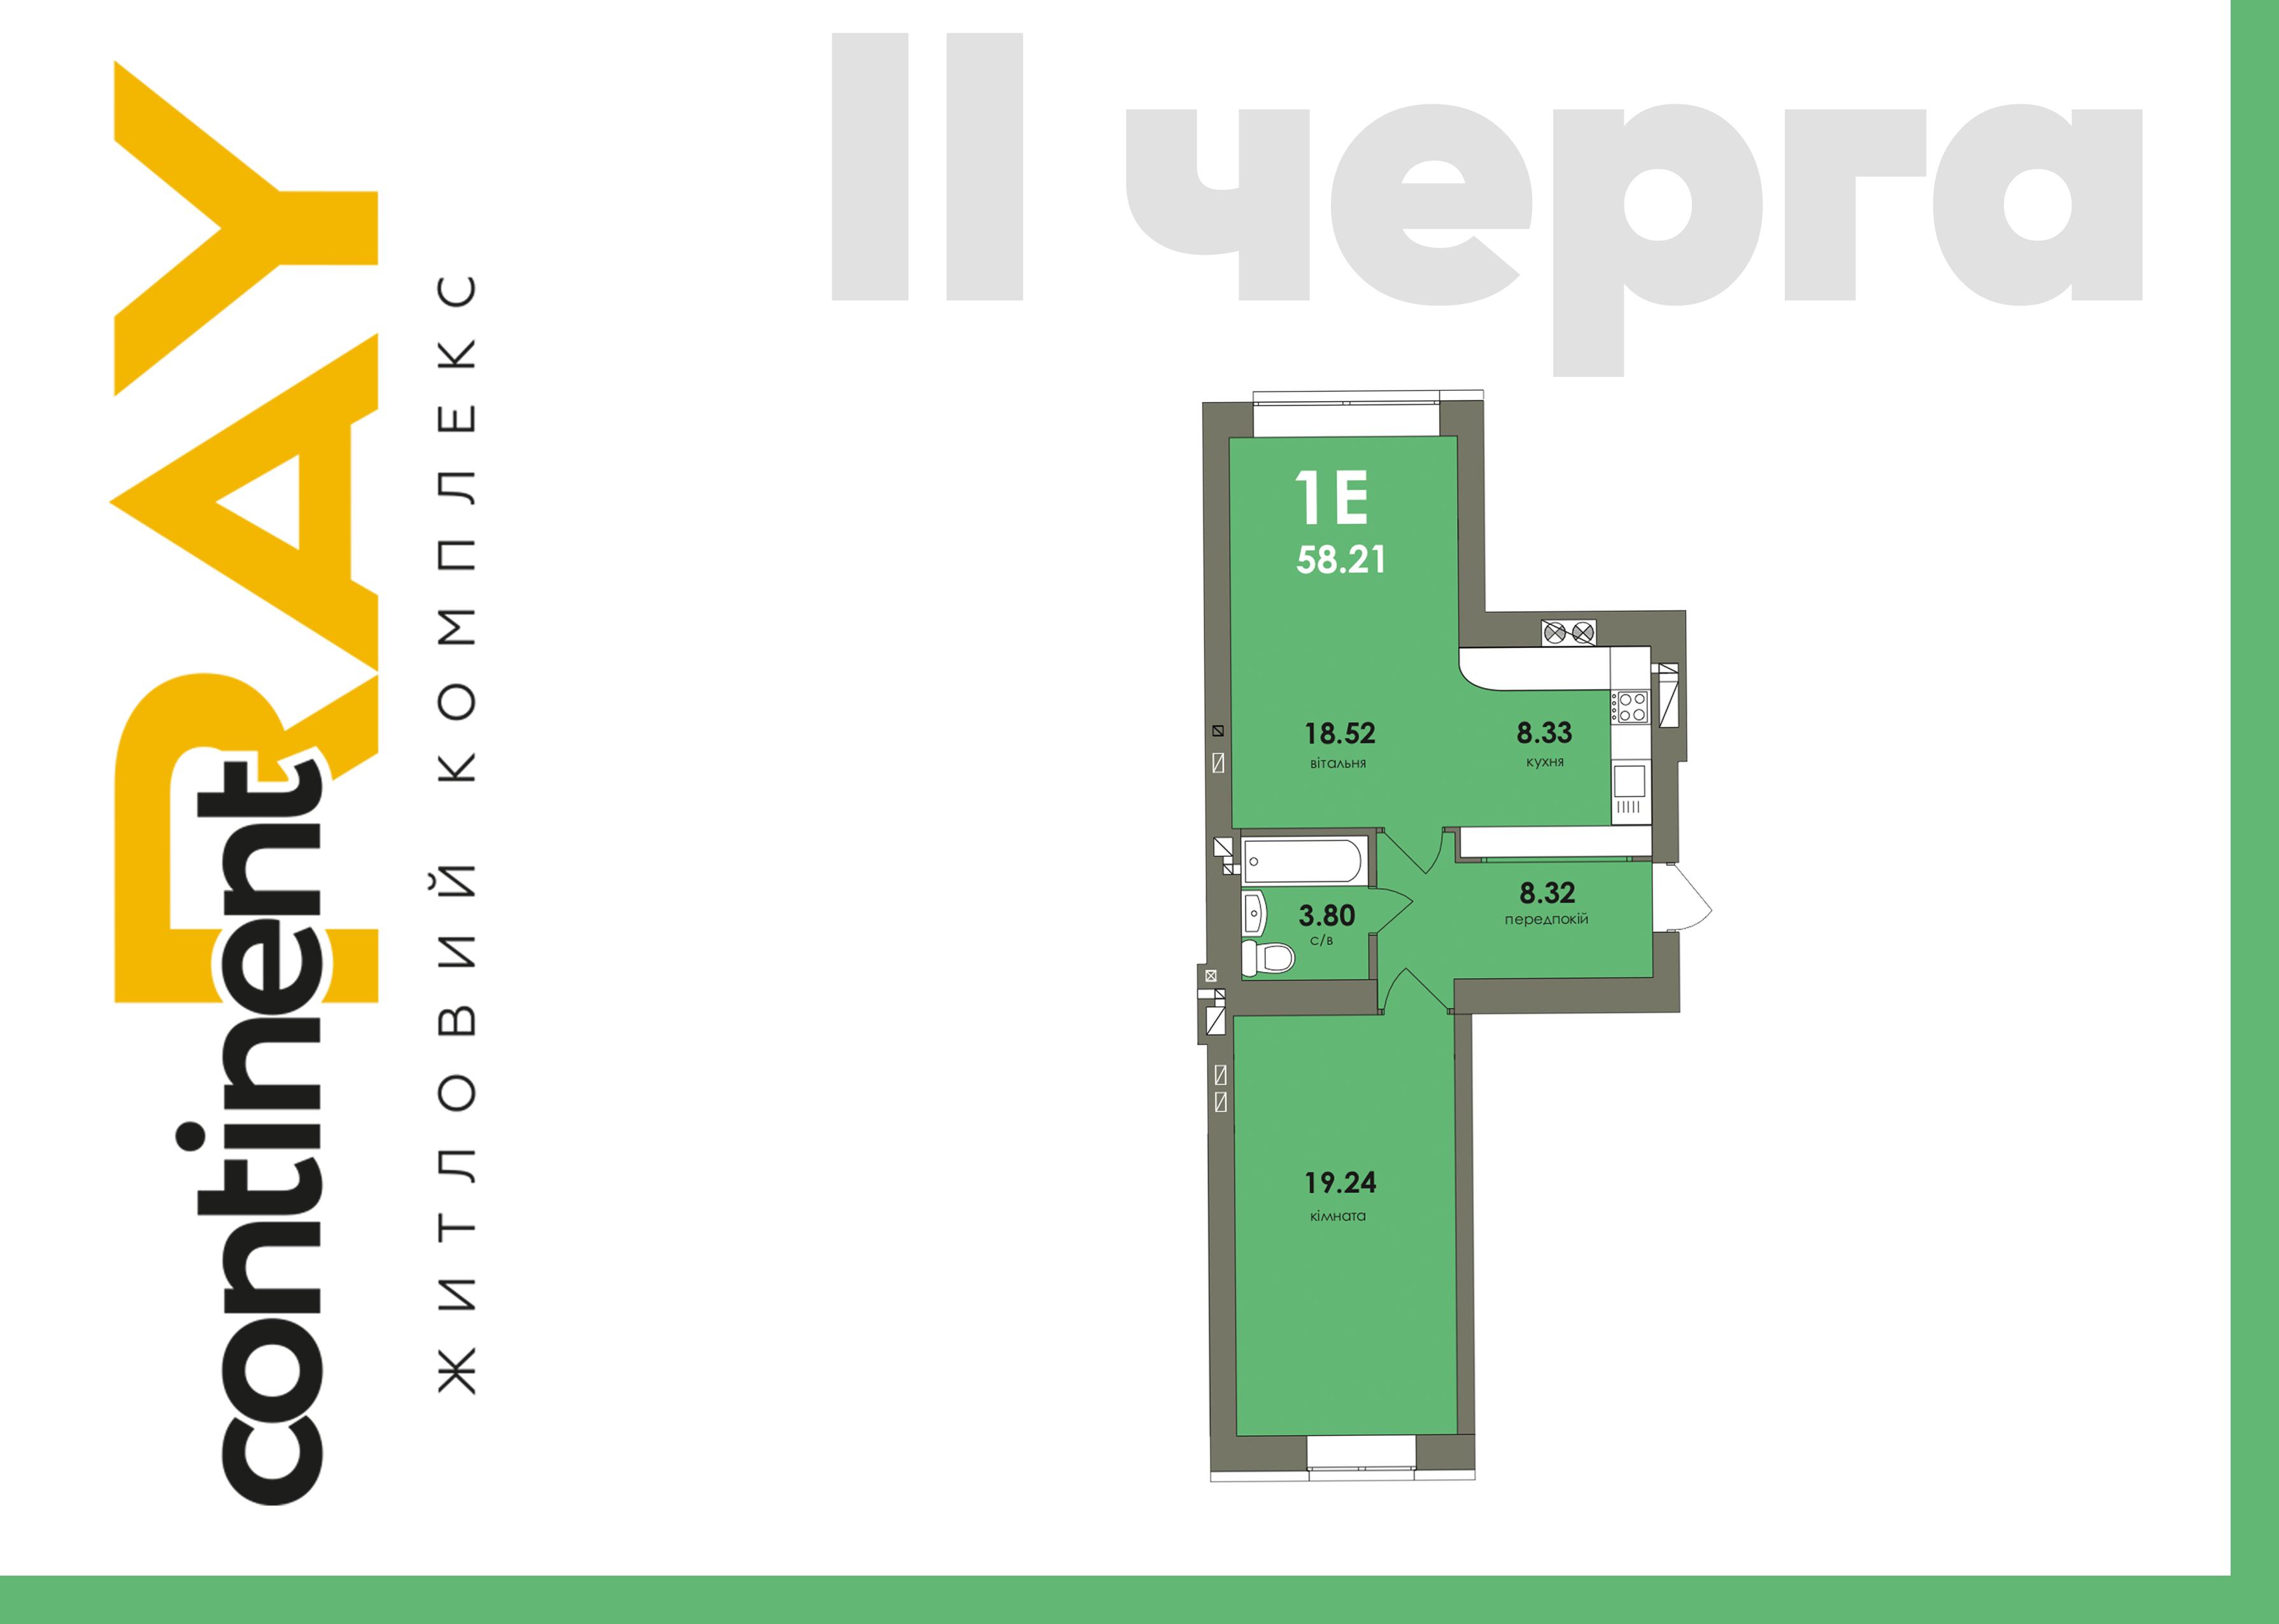 1-кімн. кв 1Е 58.21 м²